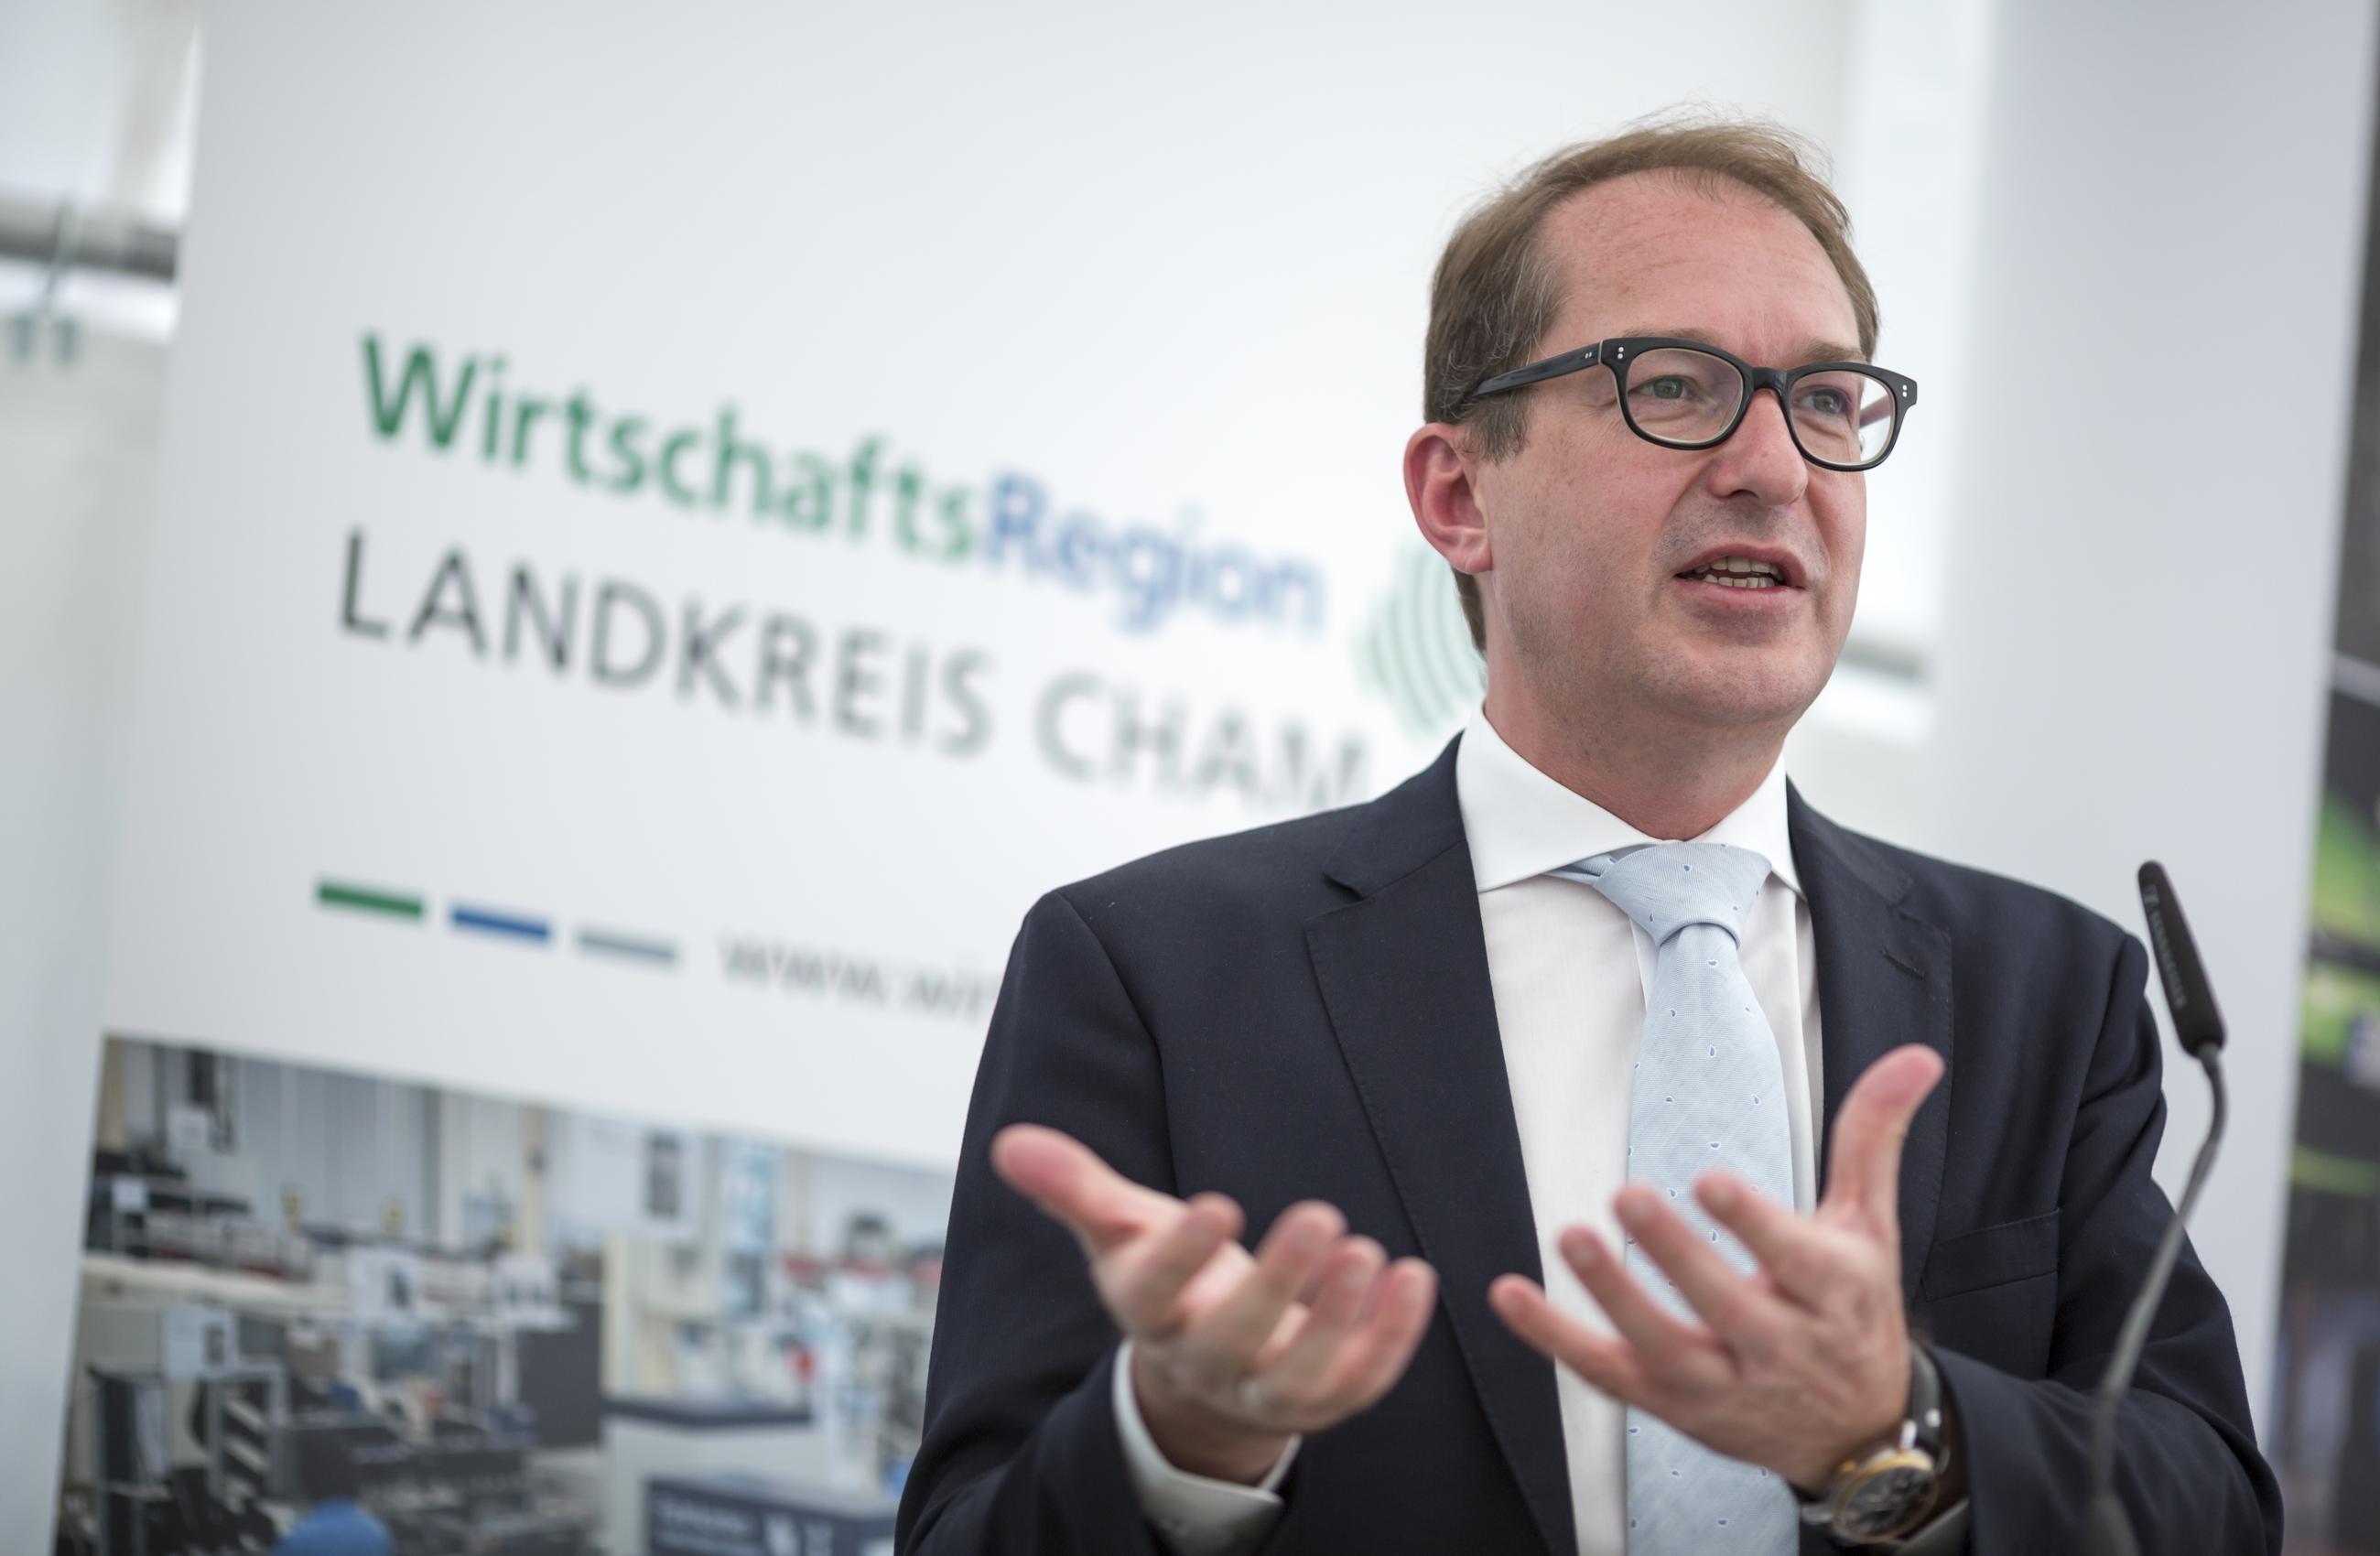 Unterwegs für Deutschlands digitale Zukunft in Arnschwang